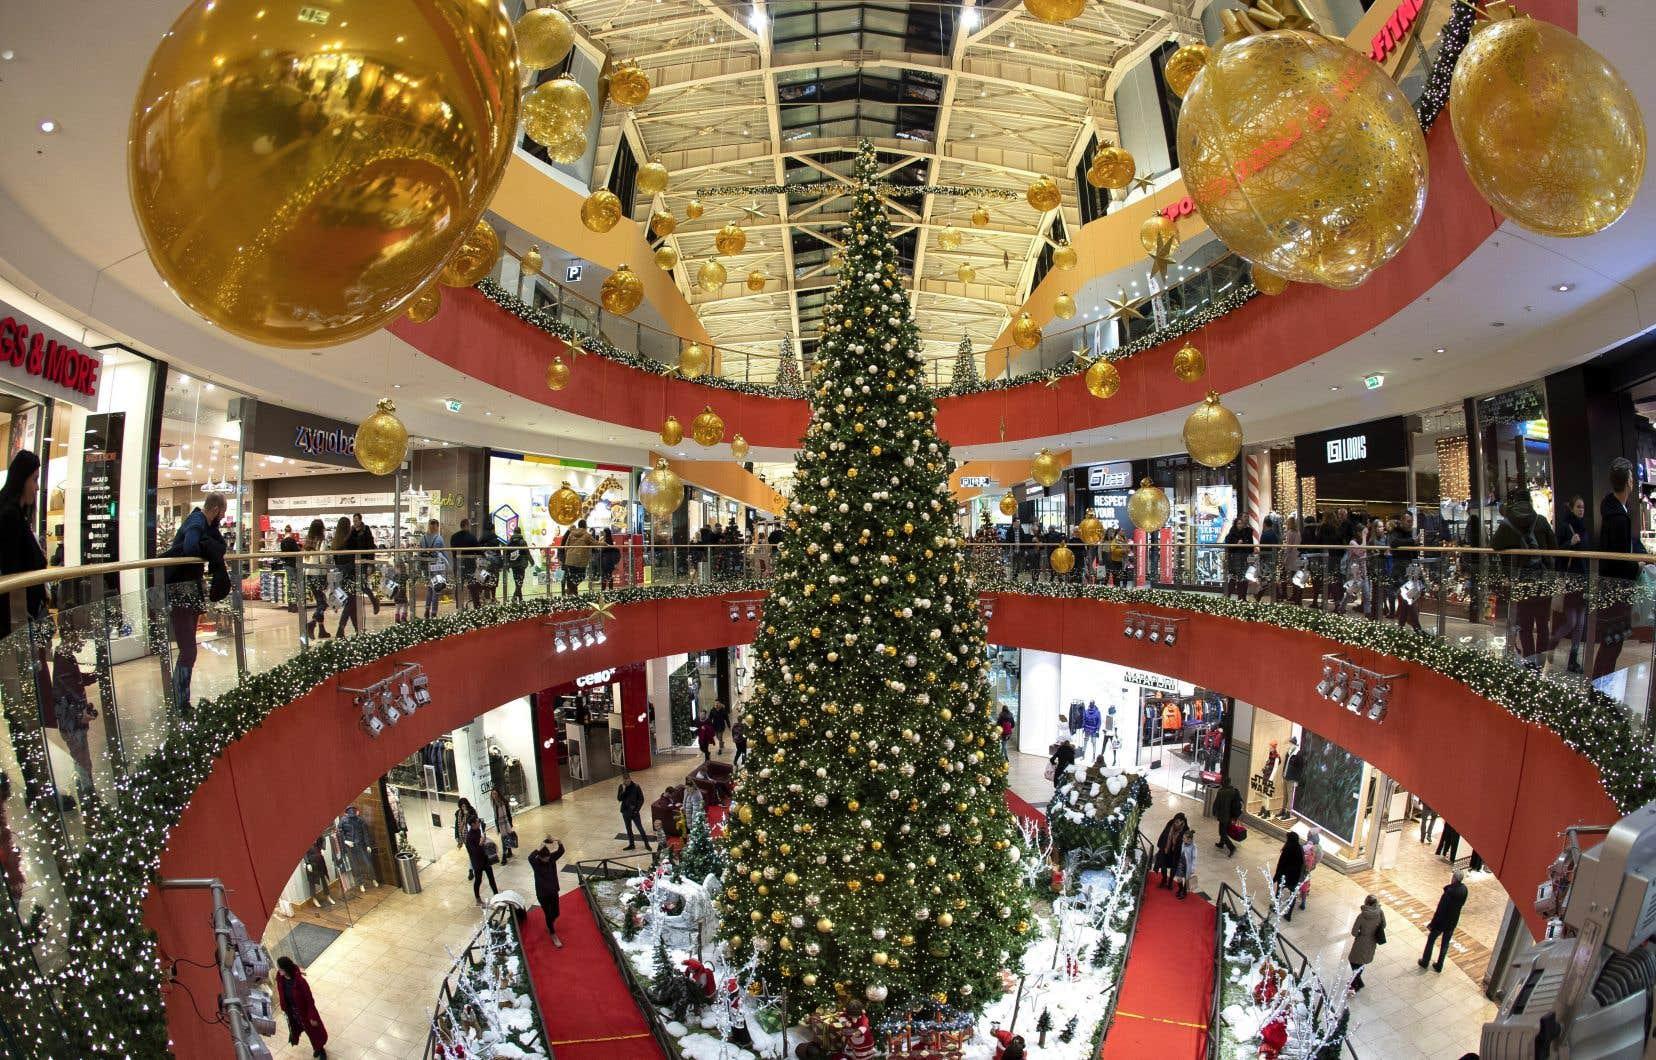 Des algorithmes qui permettent la personnalisation des achats en ligne jusqu'à la composition de nouvelles chansons de Noël, l'intelligence artificielle commence à s'introduire dans nos festivités.